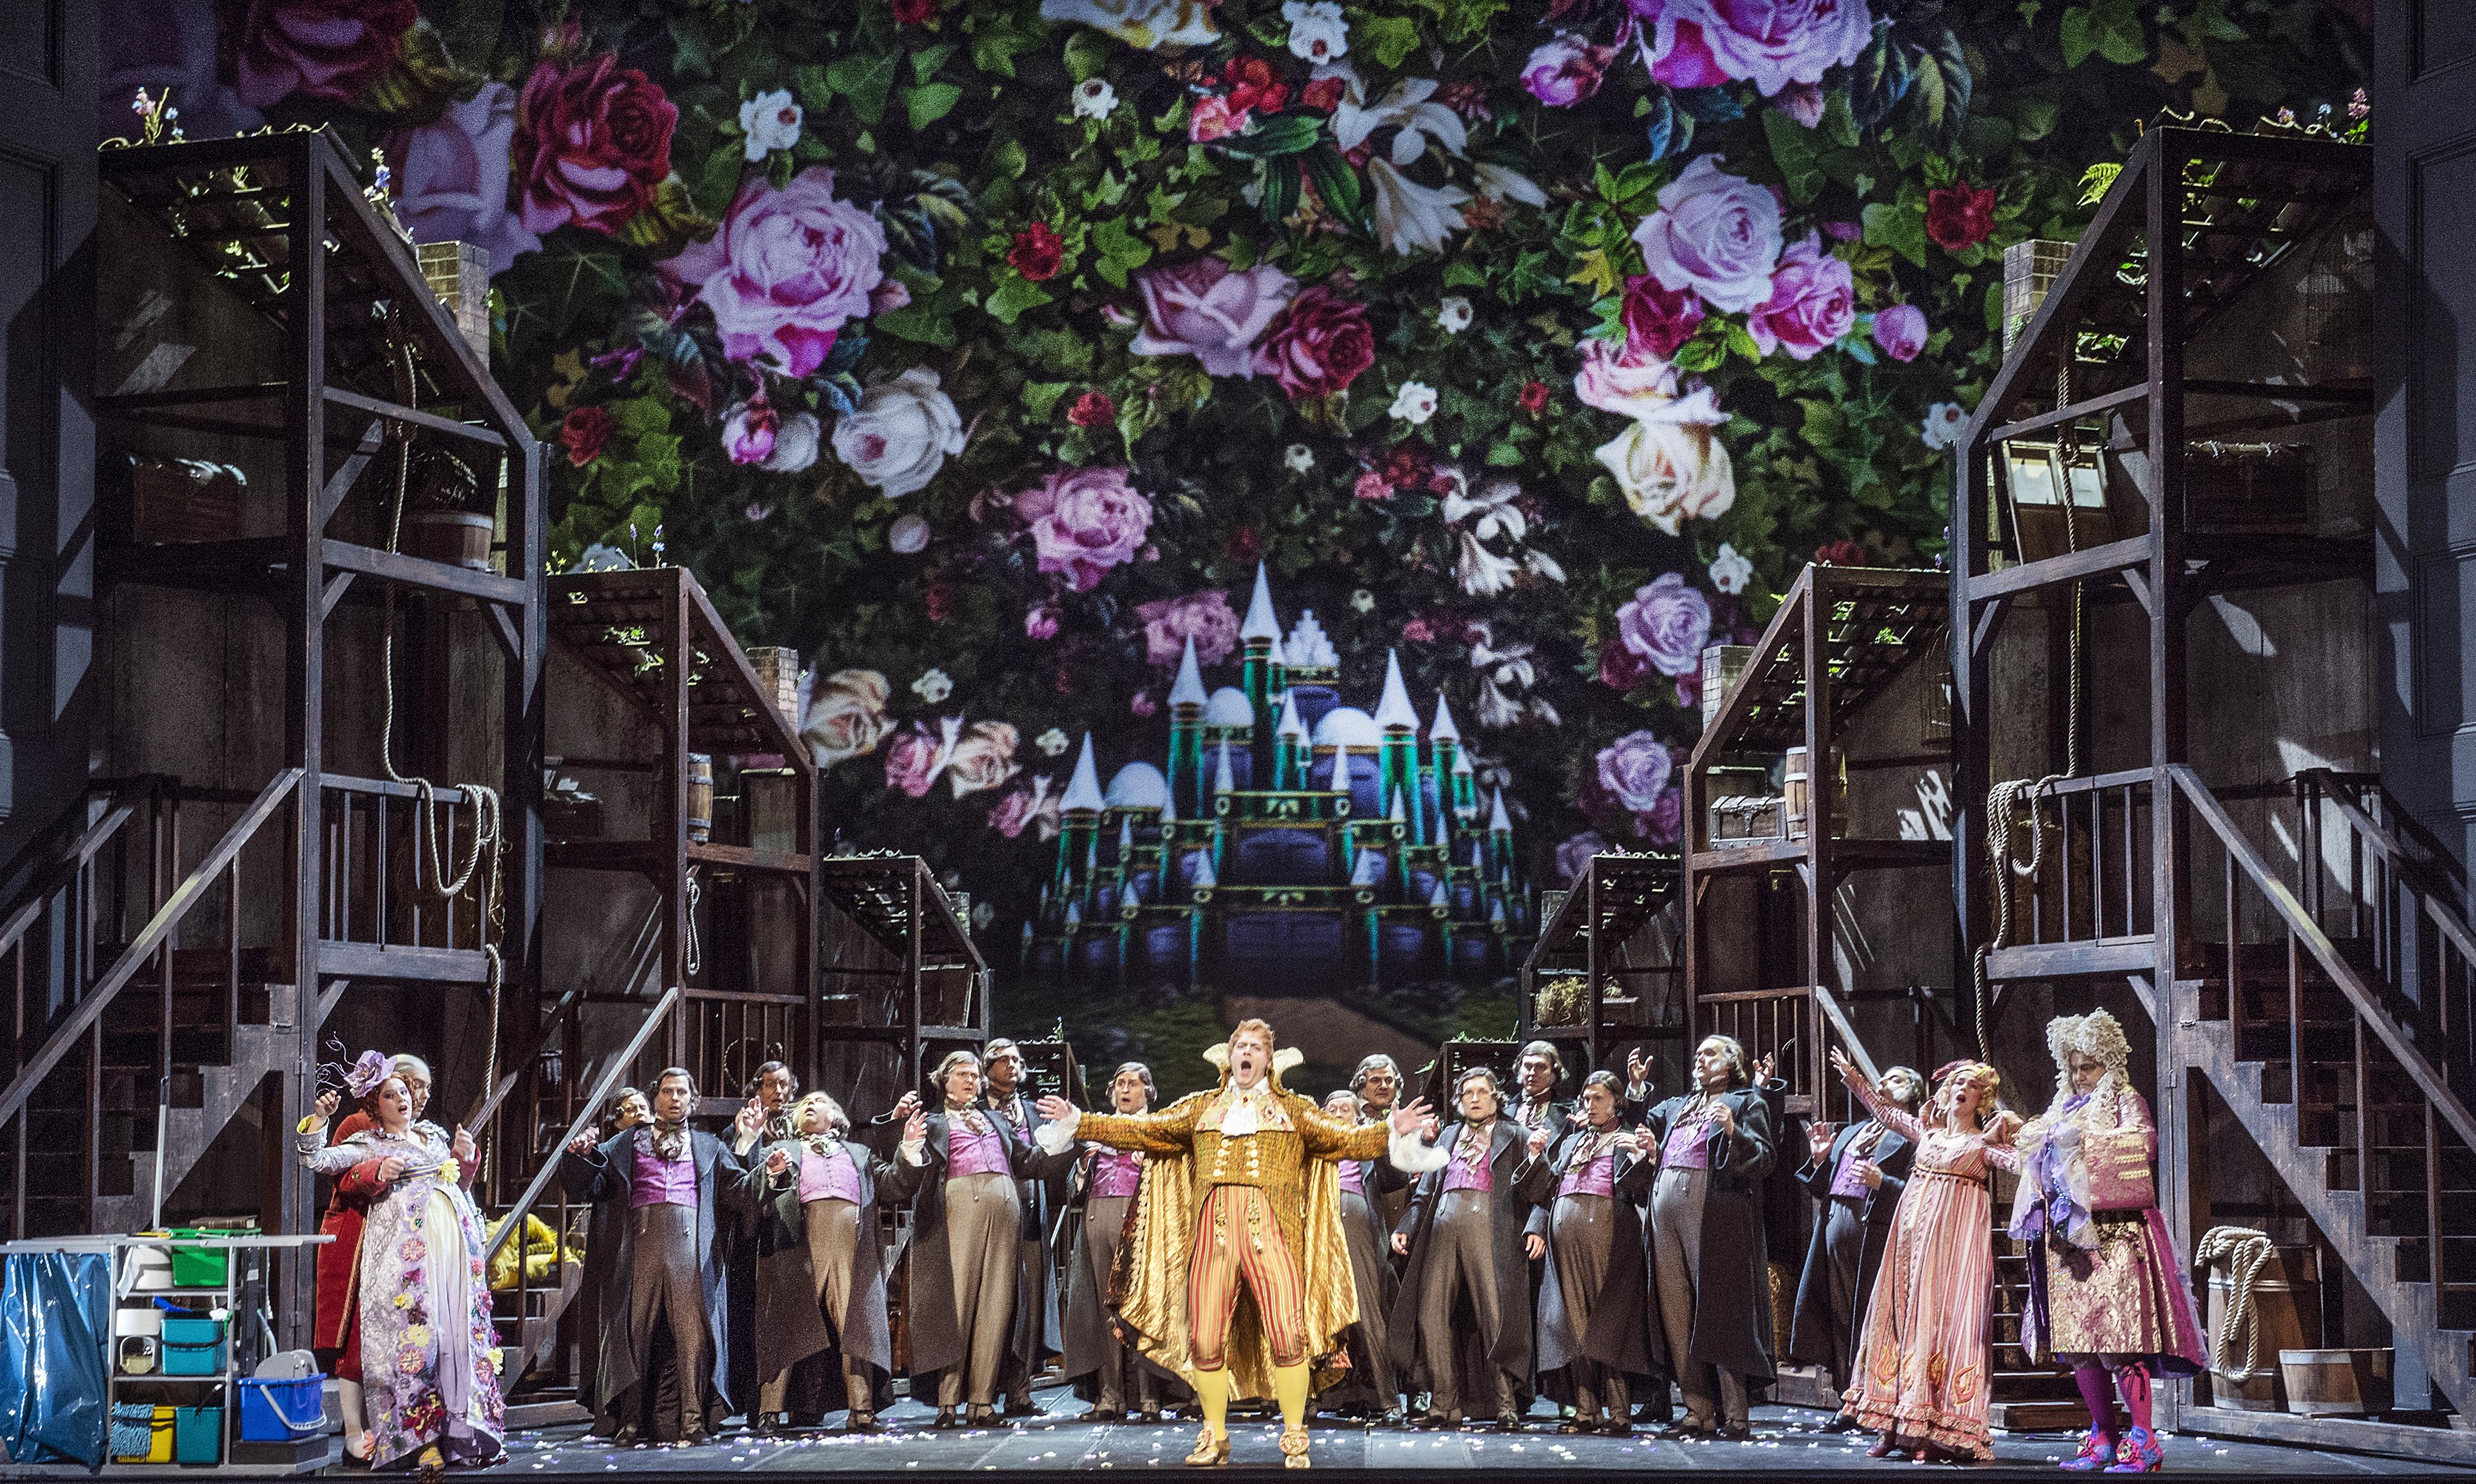 La Cenerentola de Rossini / Opéra de Lyon